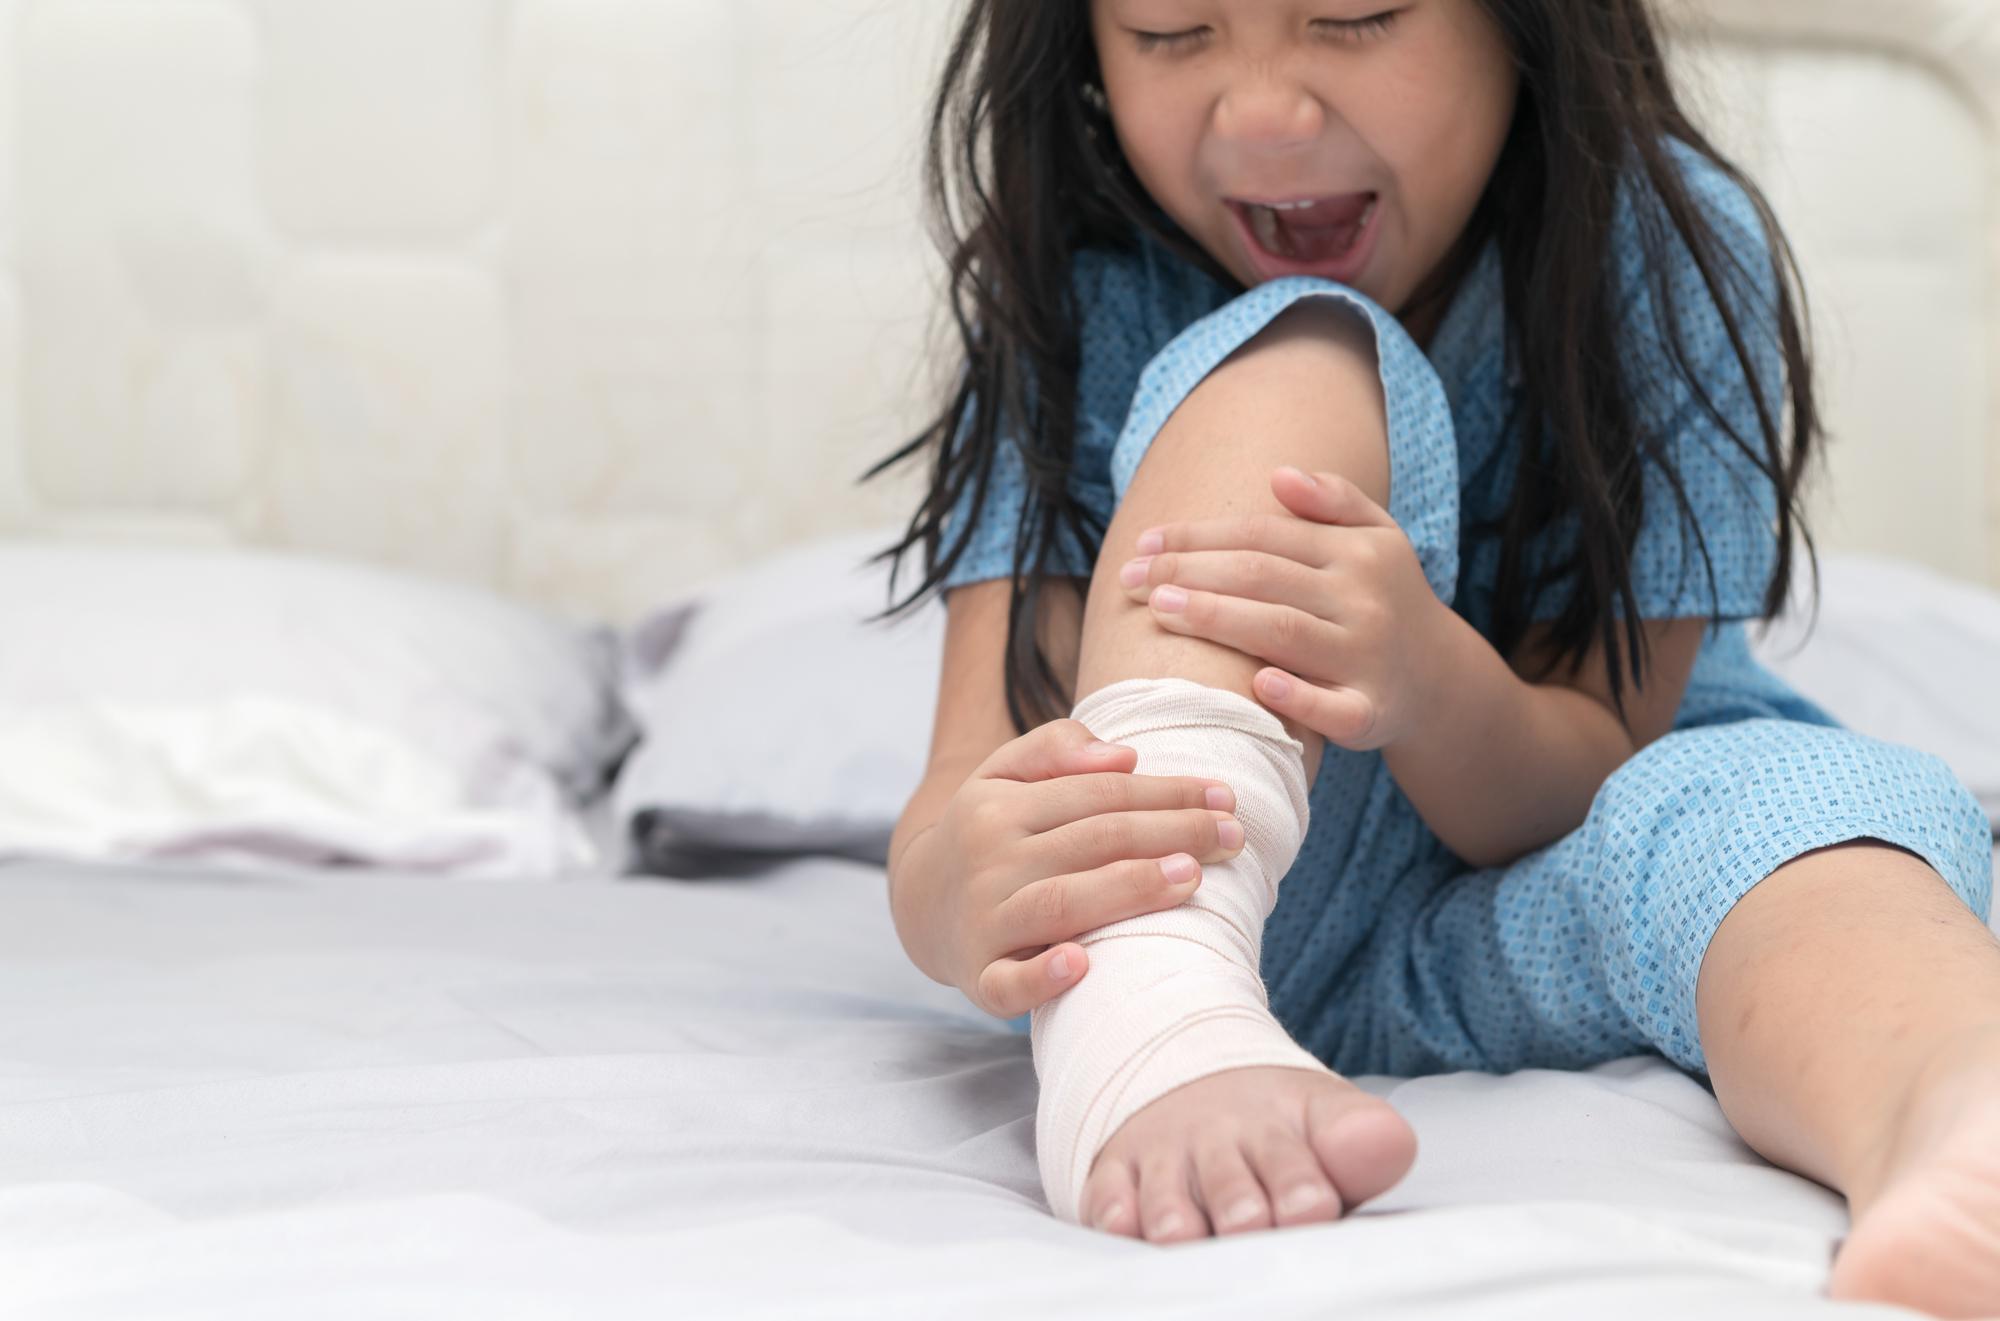 足が痛い子ども